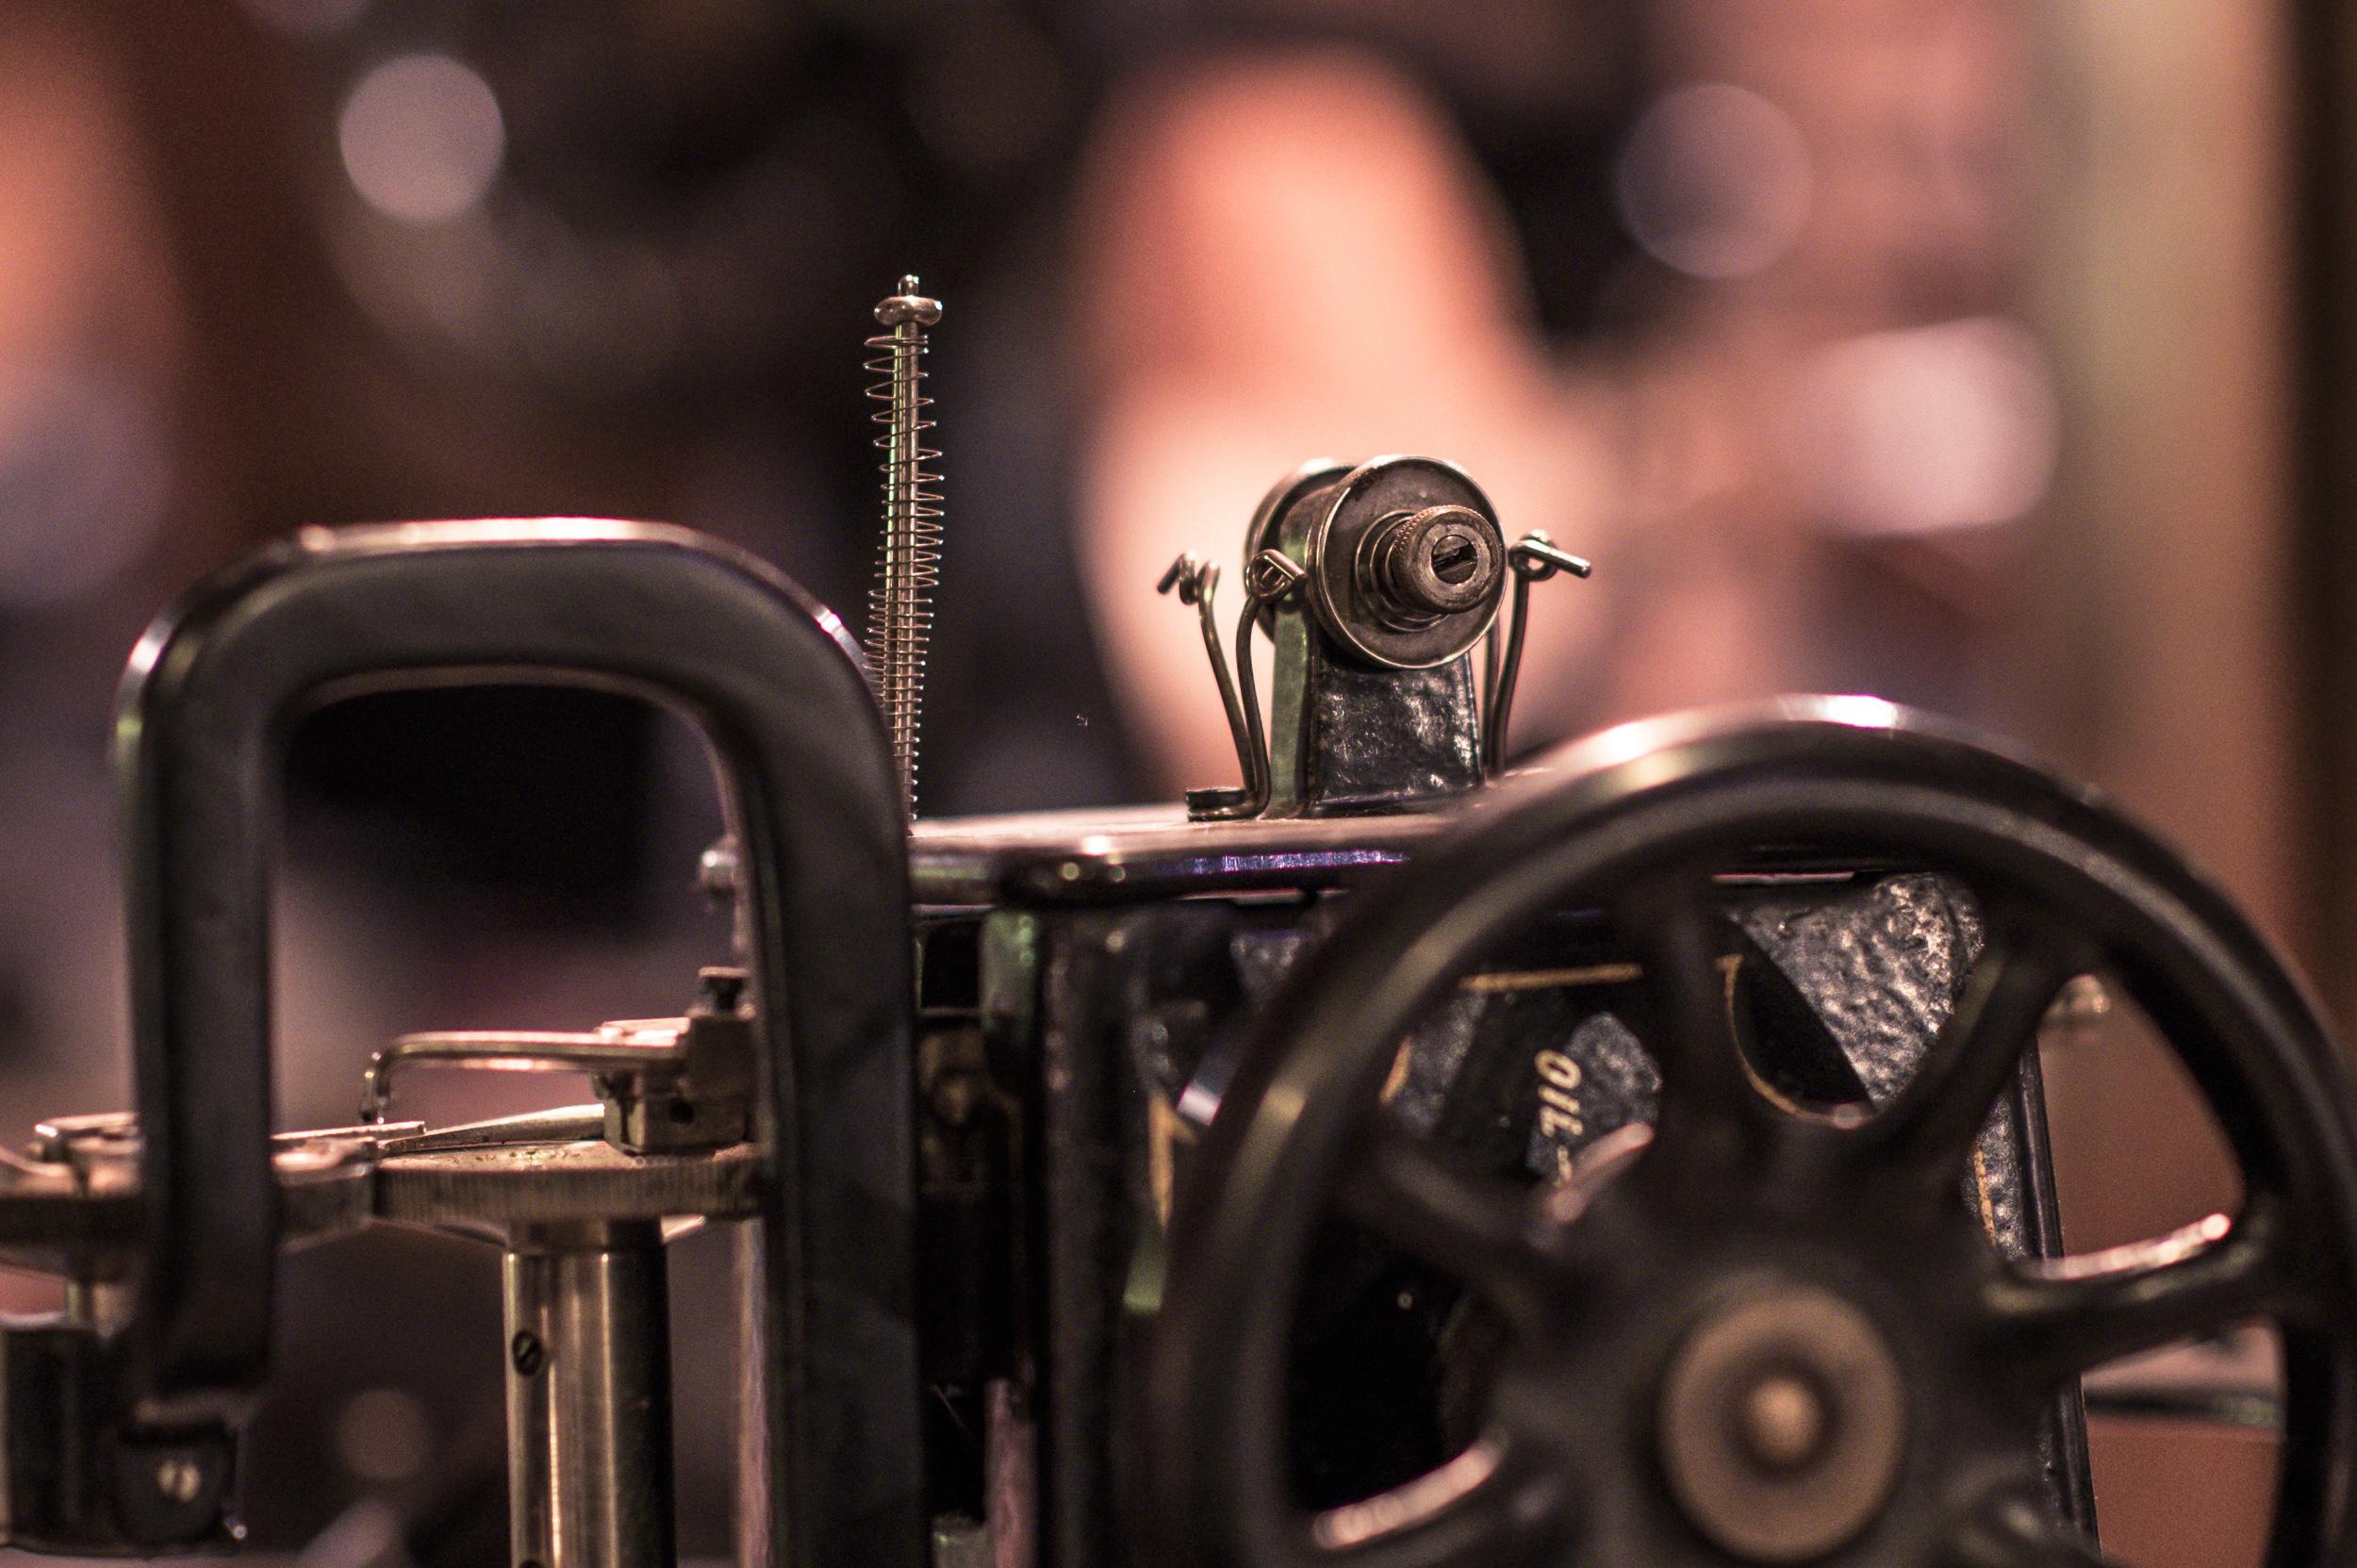 Detaljer, detaljer. Här en symaskin för skomakare tror jag.